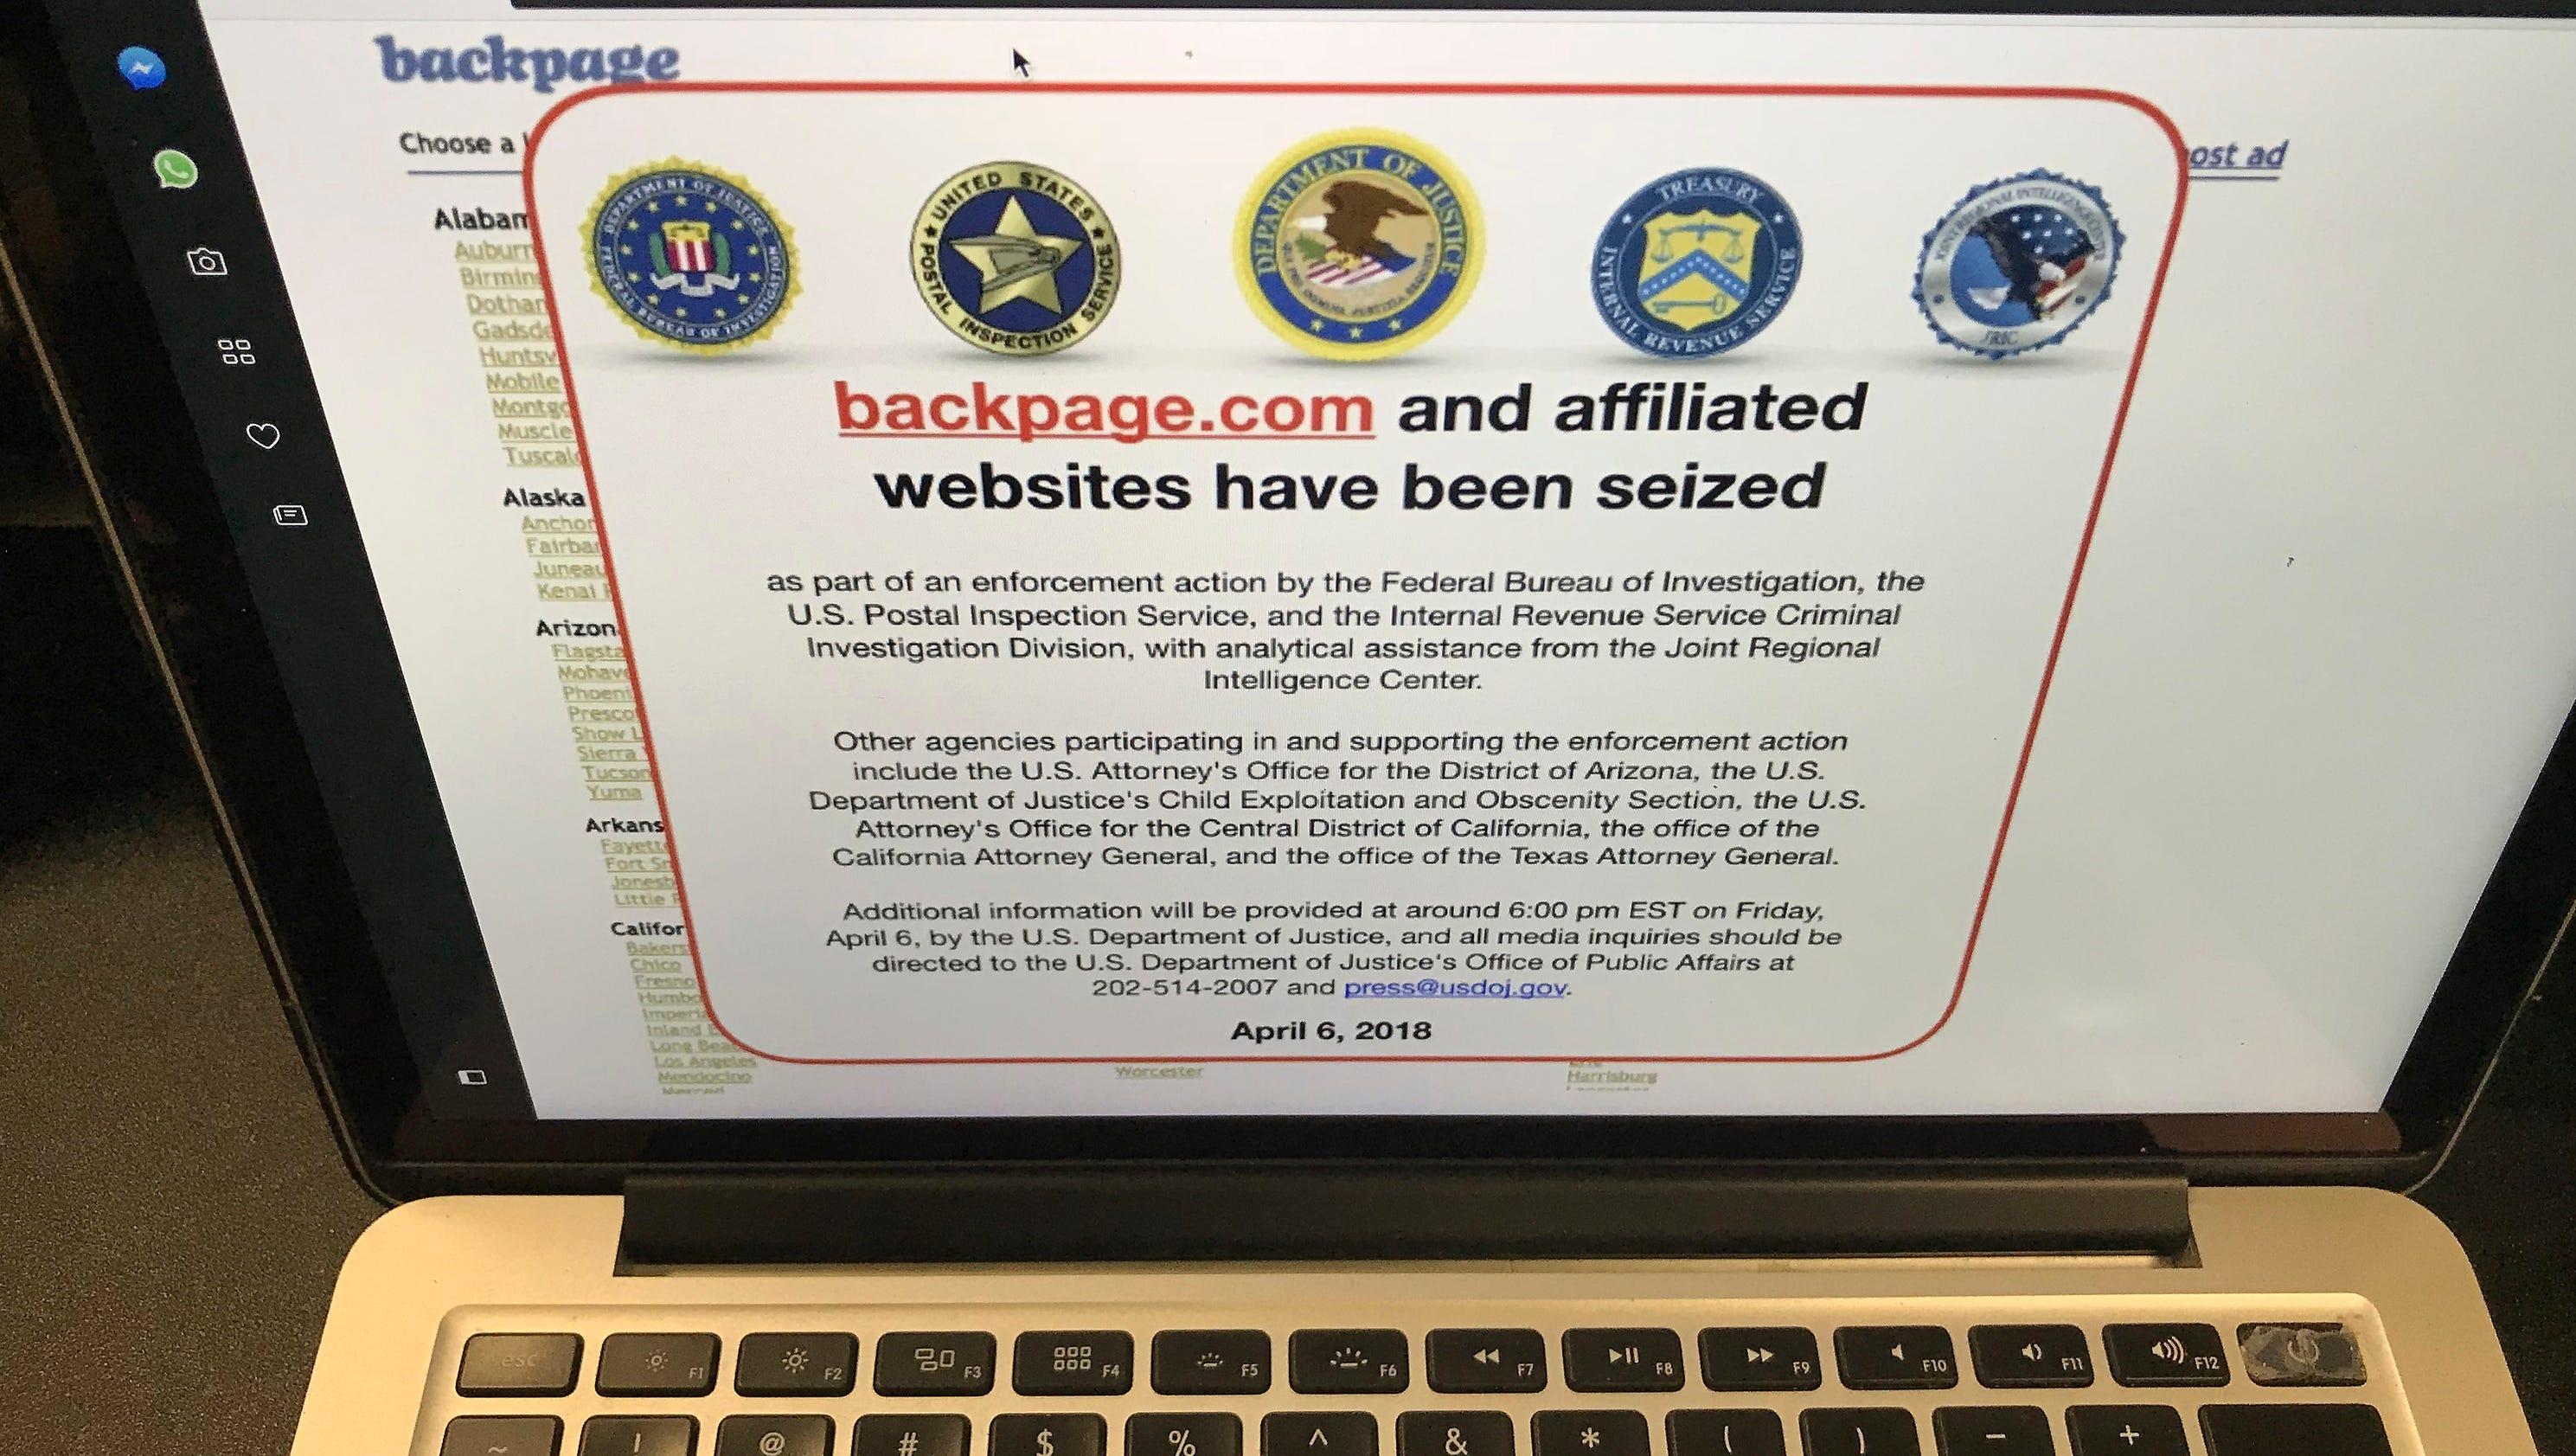 Kontaktannonser classifieds craigslist backpages